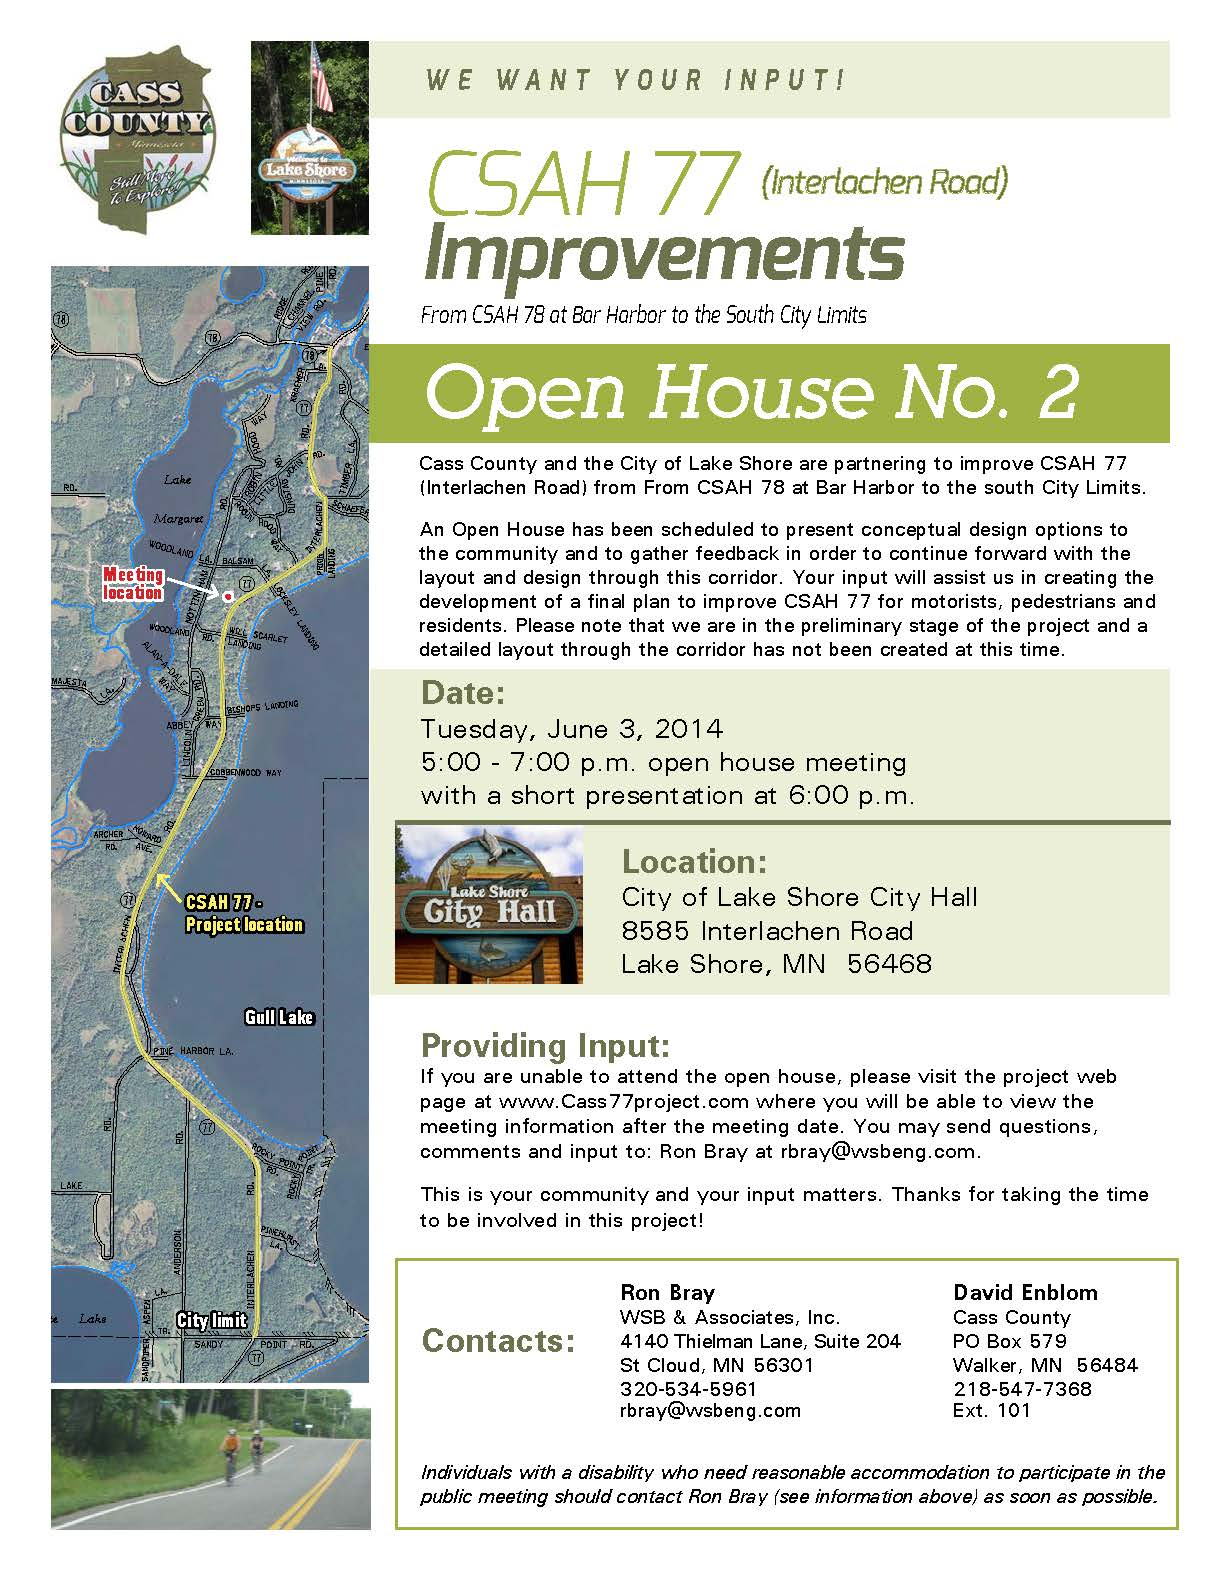 Cass County Open House 2 Flier.jpg